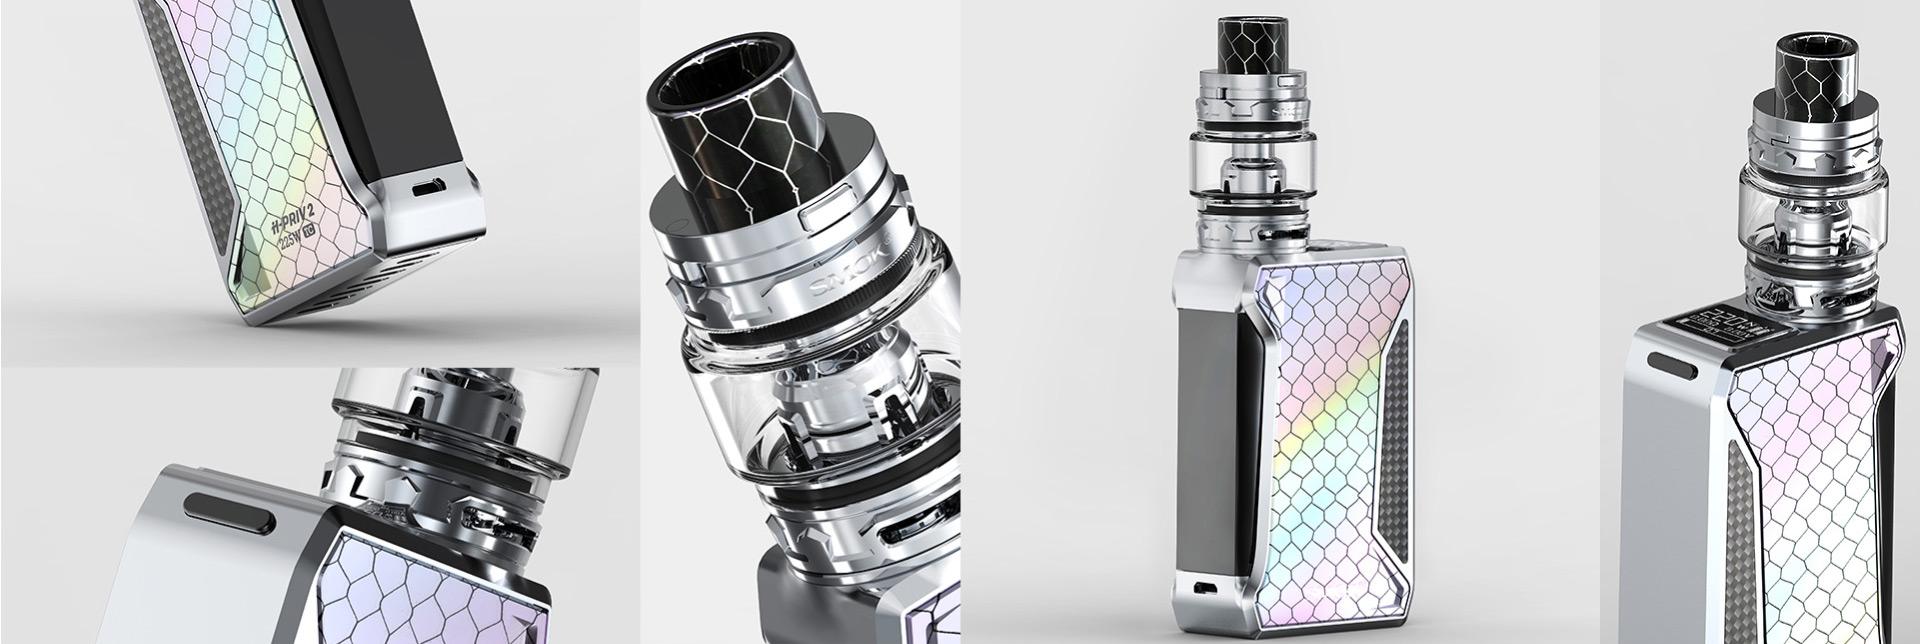 smok-smoktech-hpriv-2-tc225w-grip-full-kit-detail